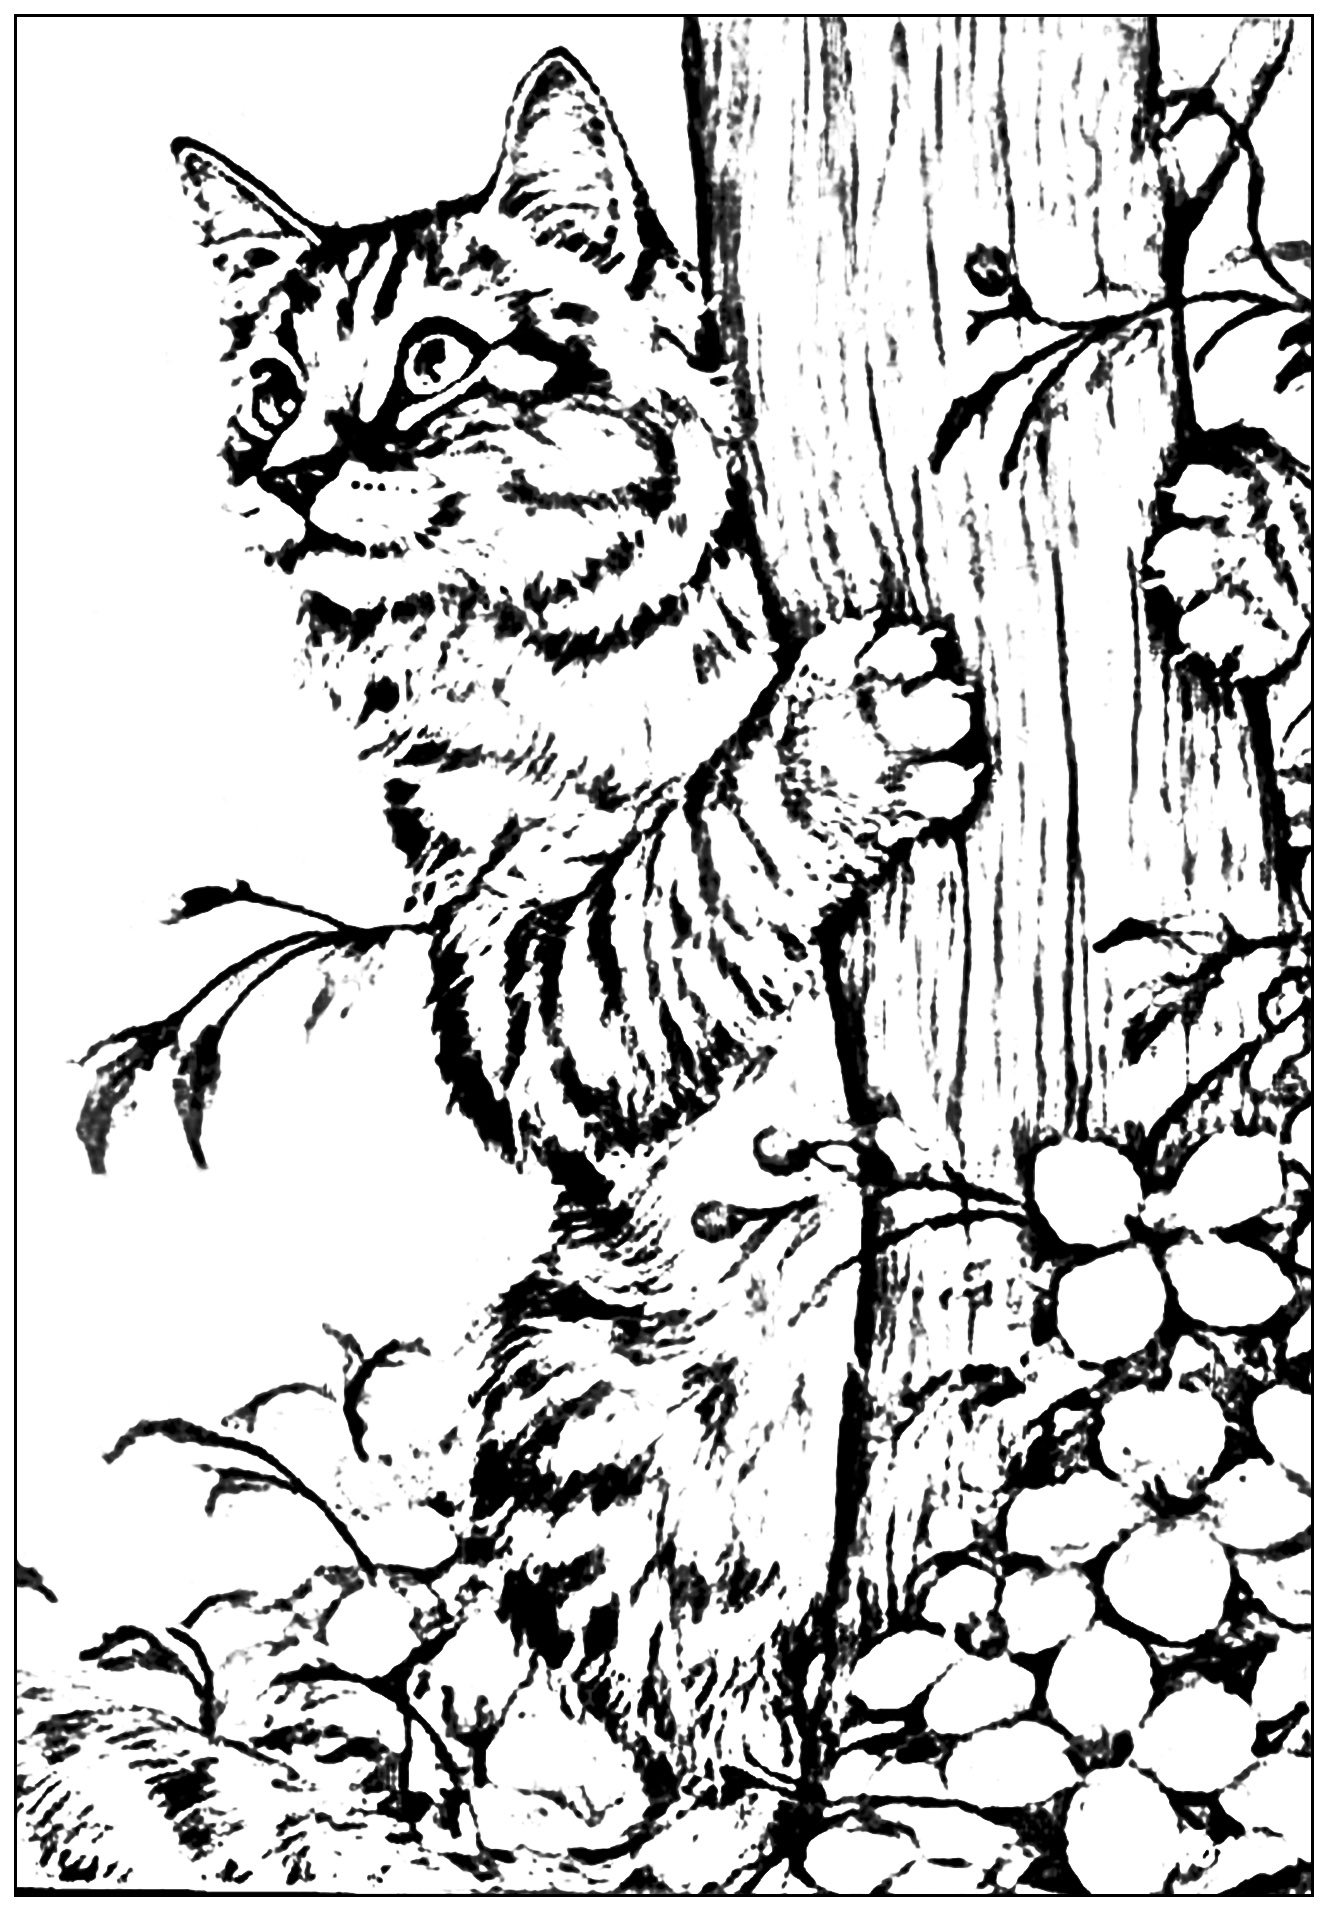 Chaton jouant dans le jardin chats coloriages for Immagini gatti da colorare